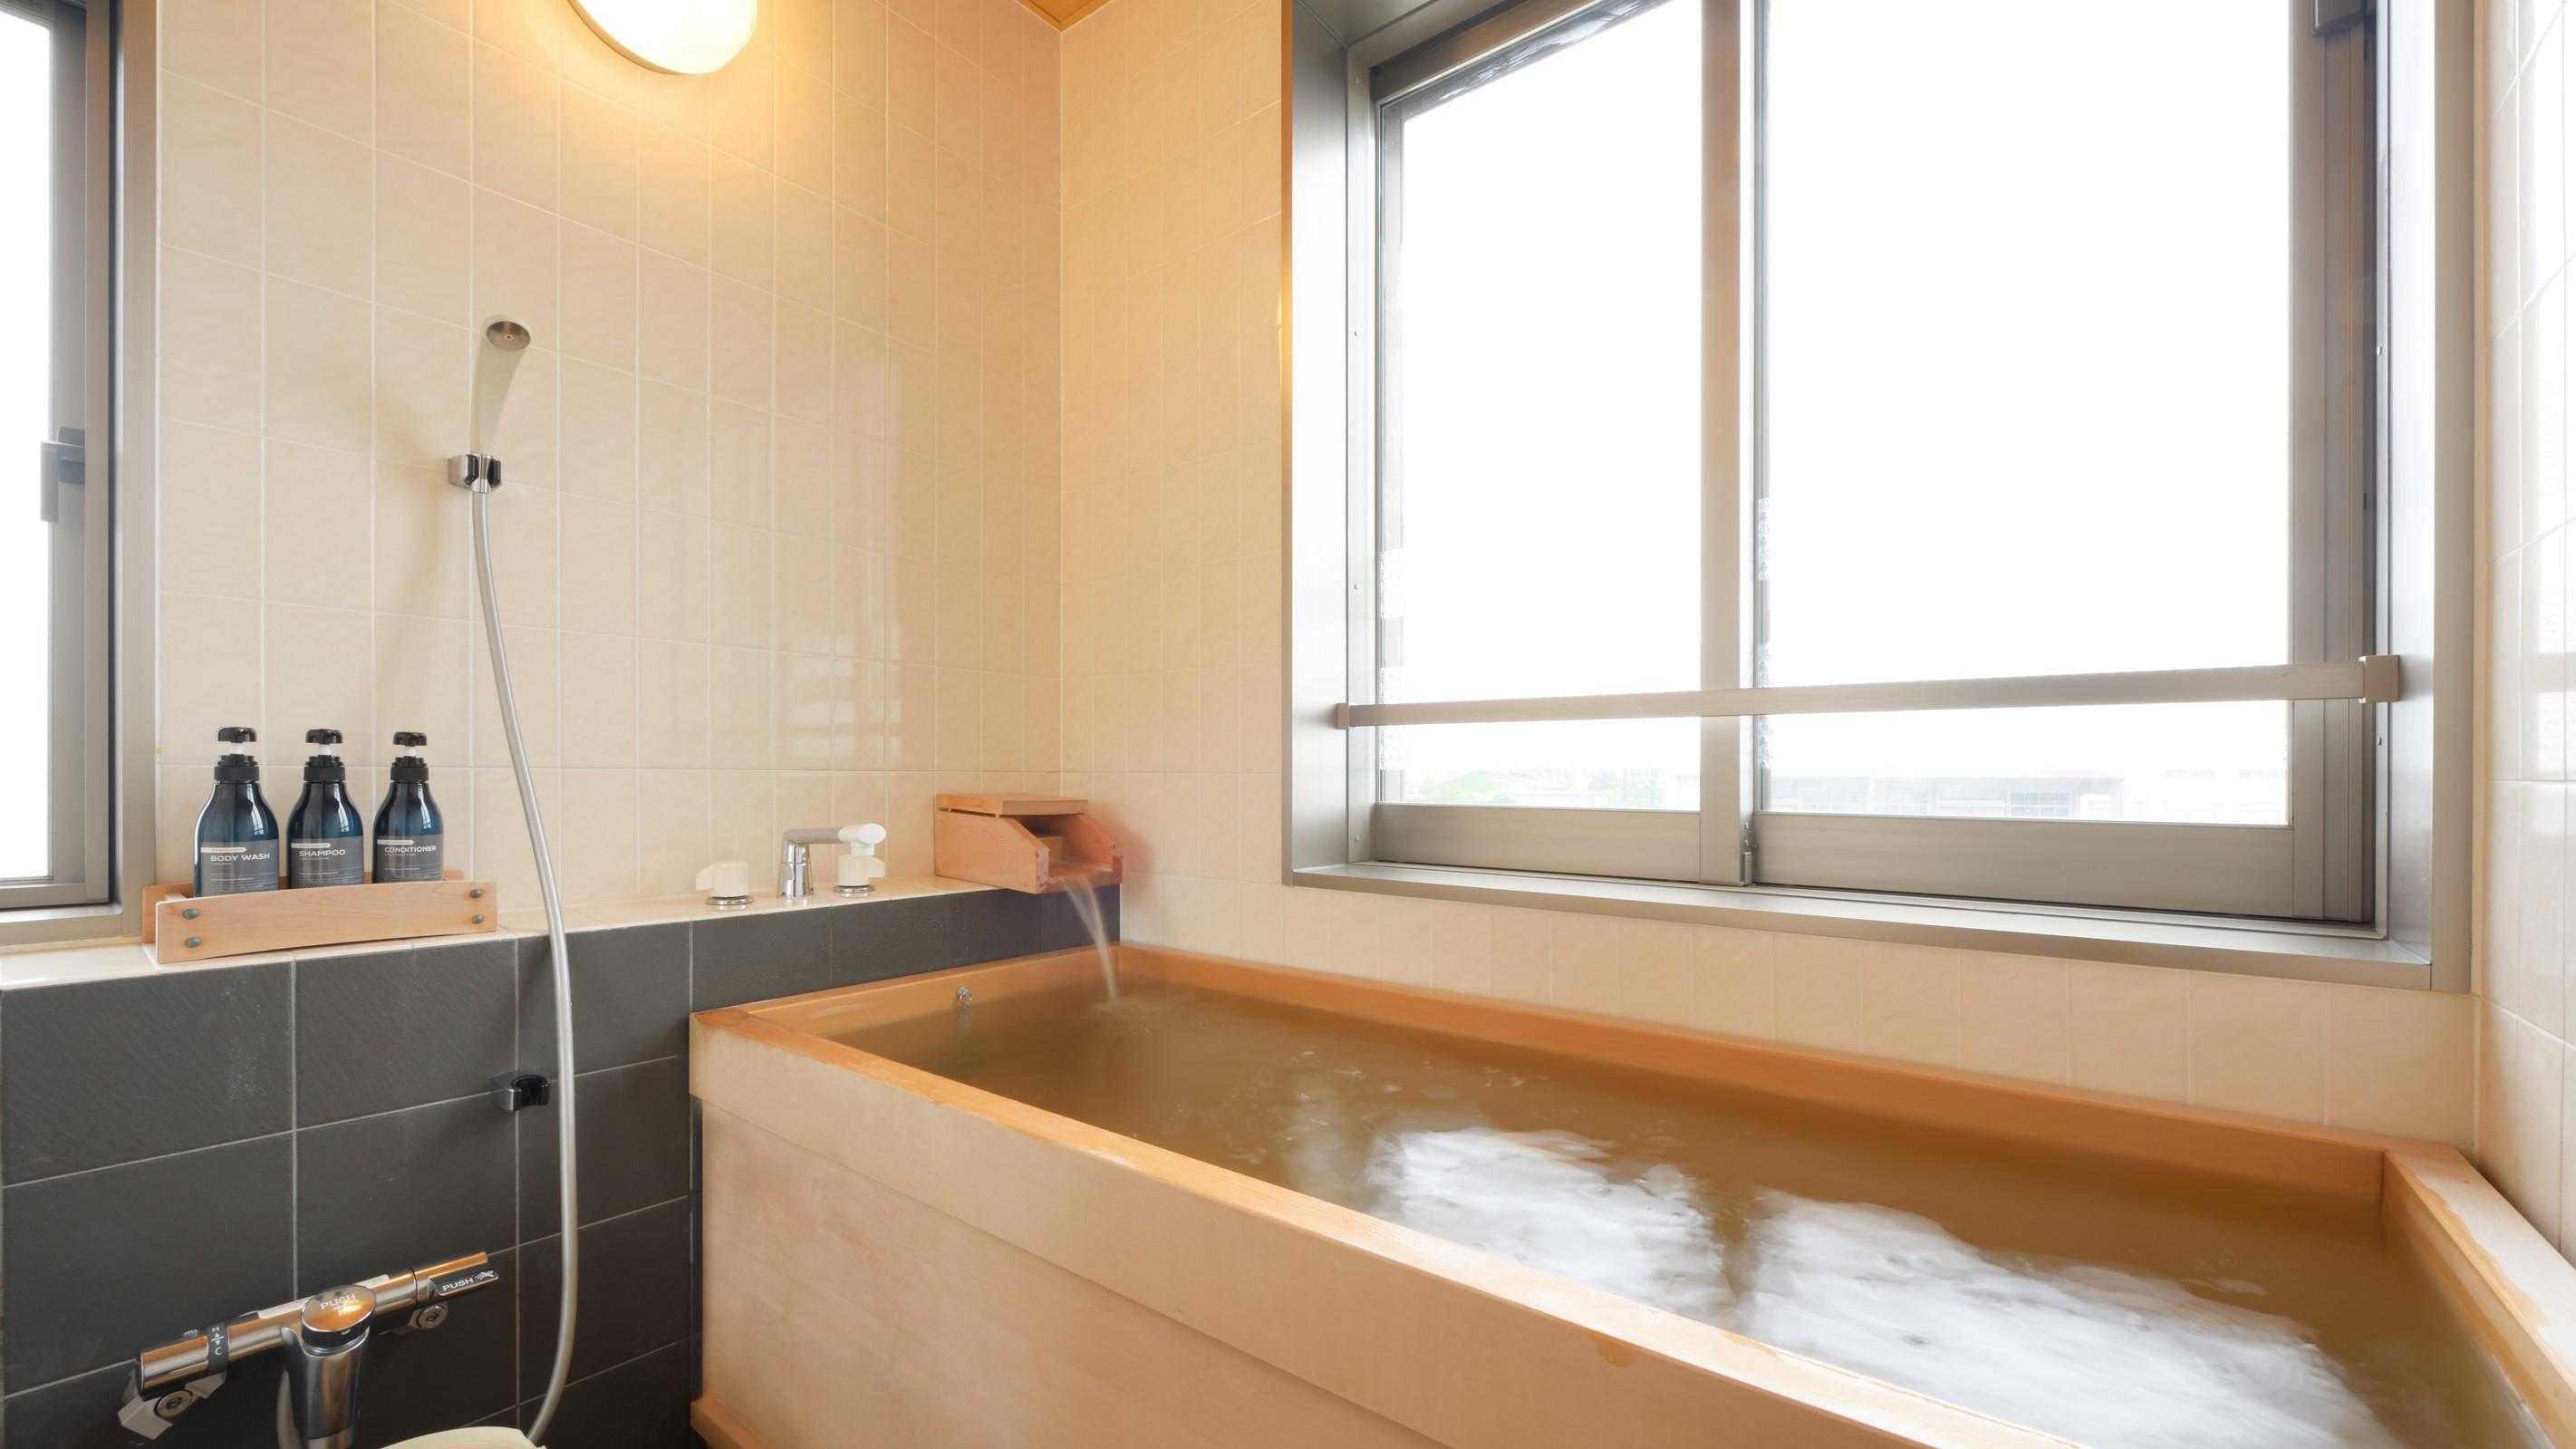 【川の見える檜風呂付き離れ】檜風呂